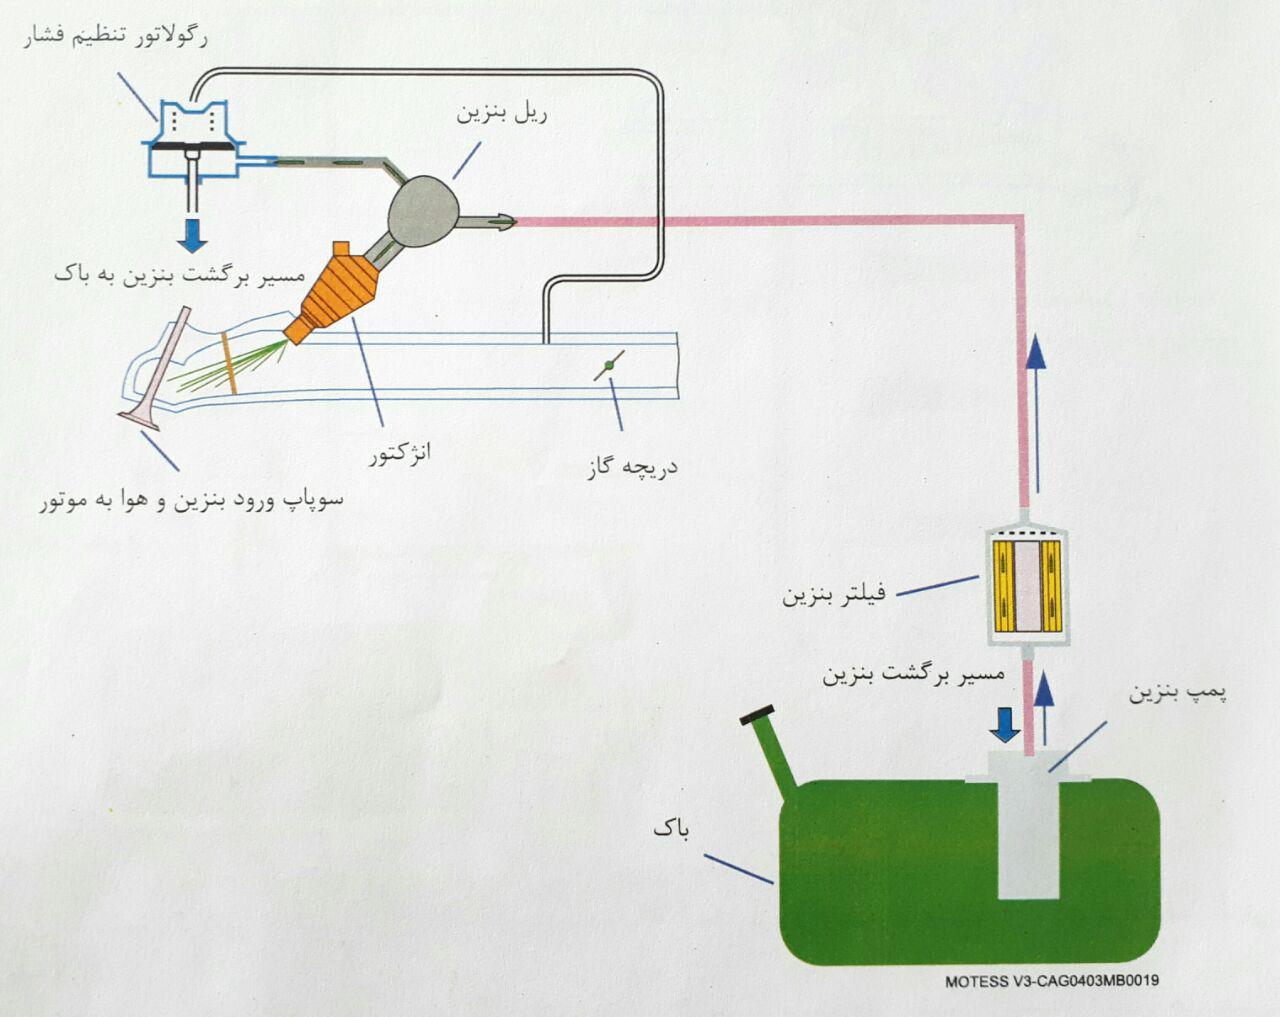 سیستم سوخت رسانی با رگولاتور کاهش متغیر فشار بنزین